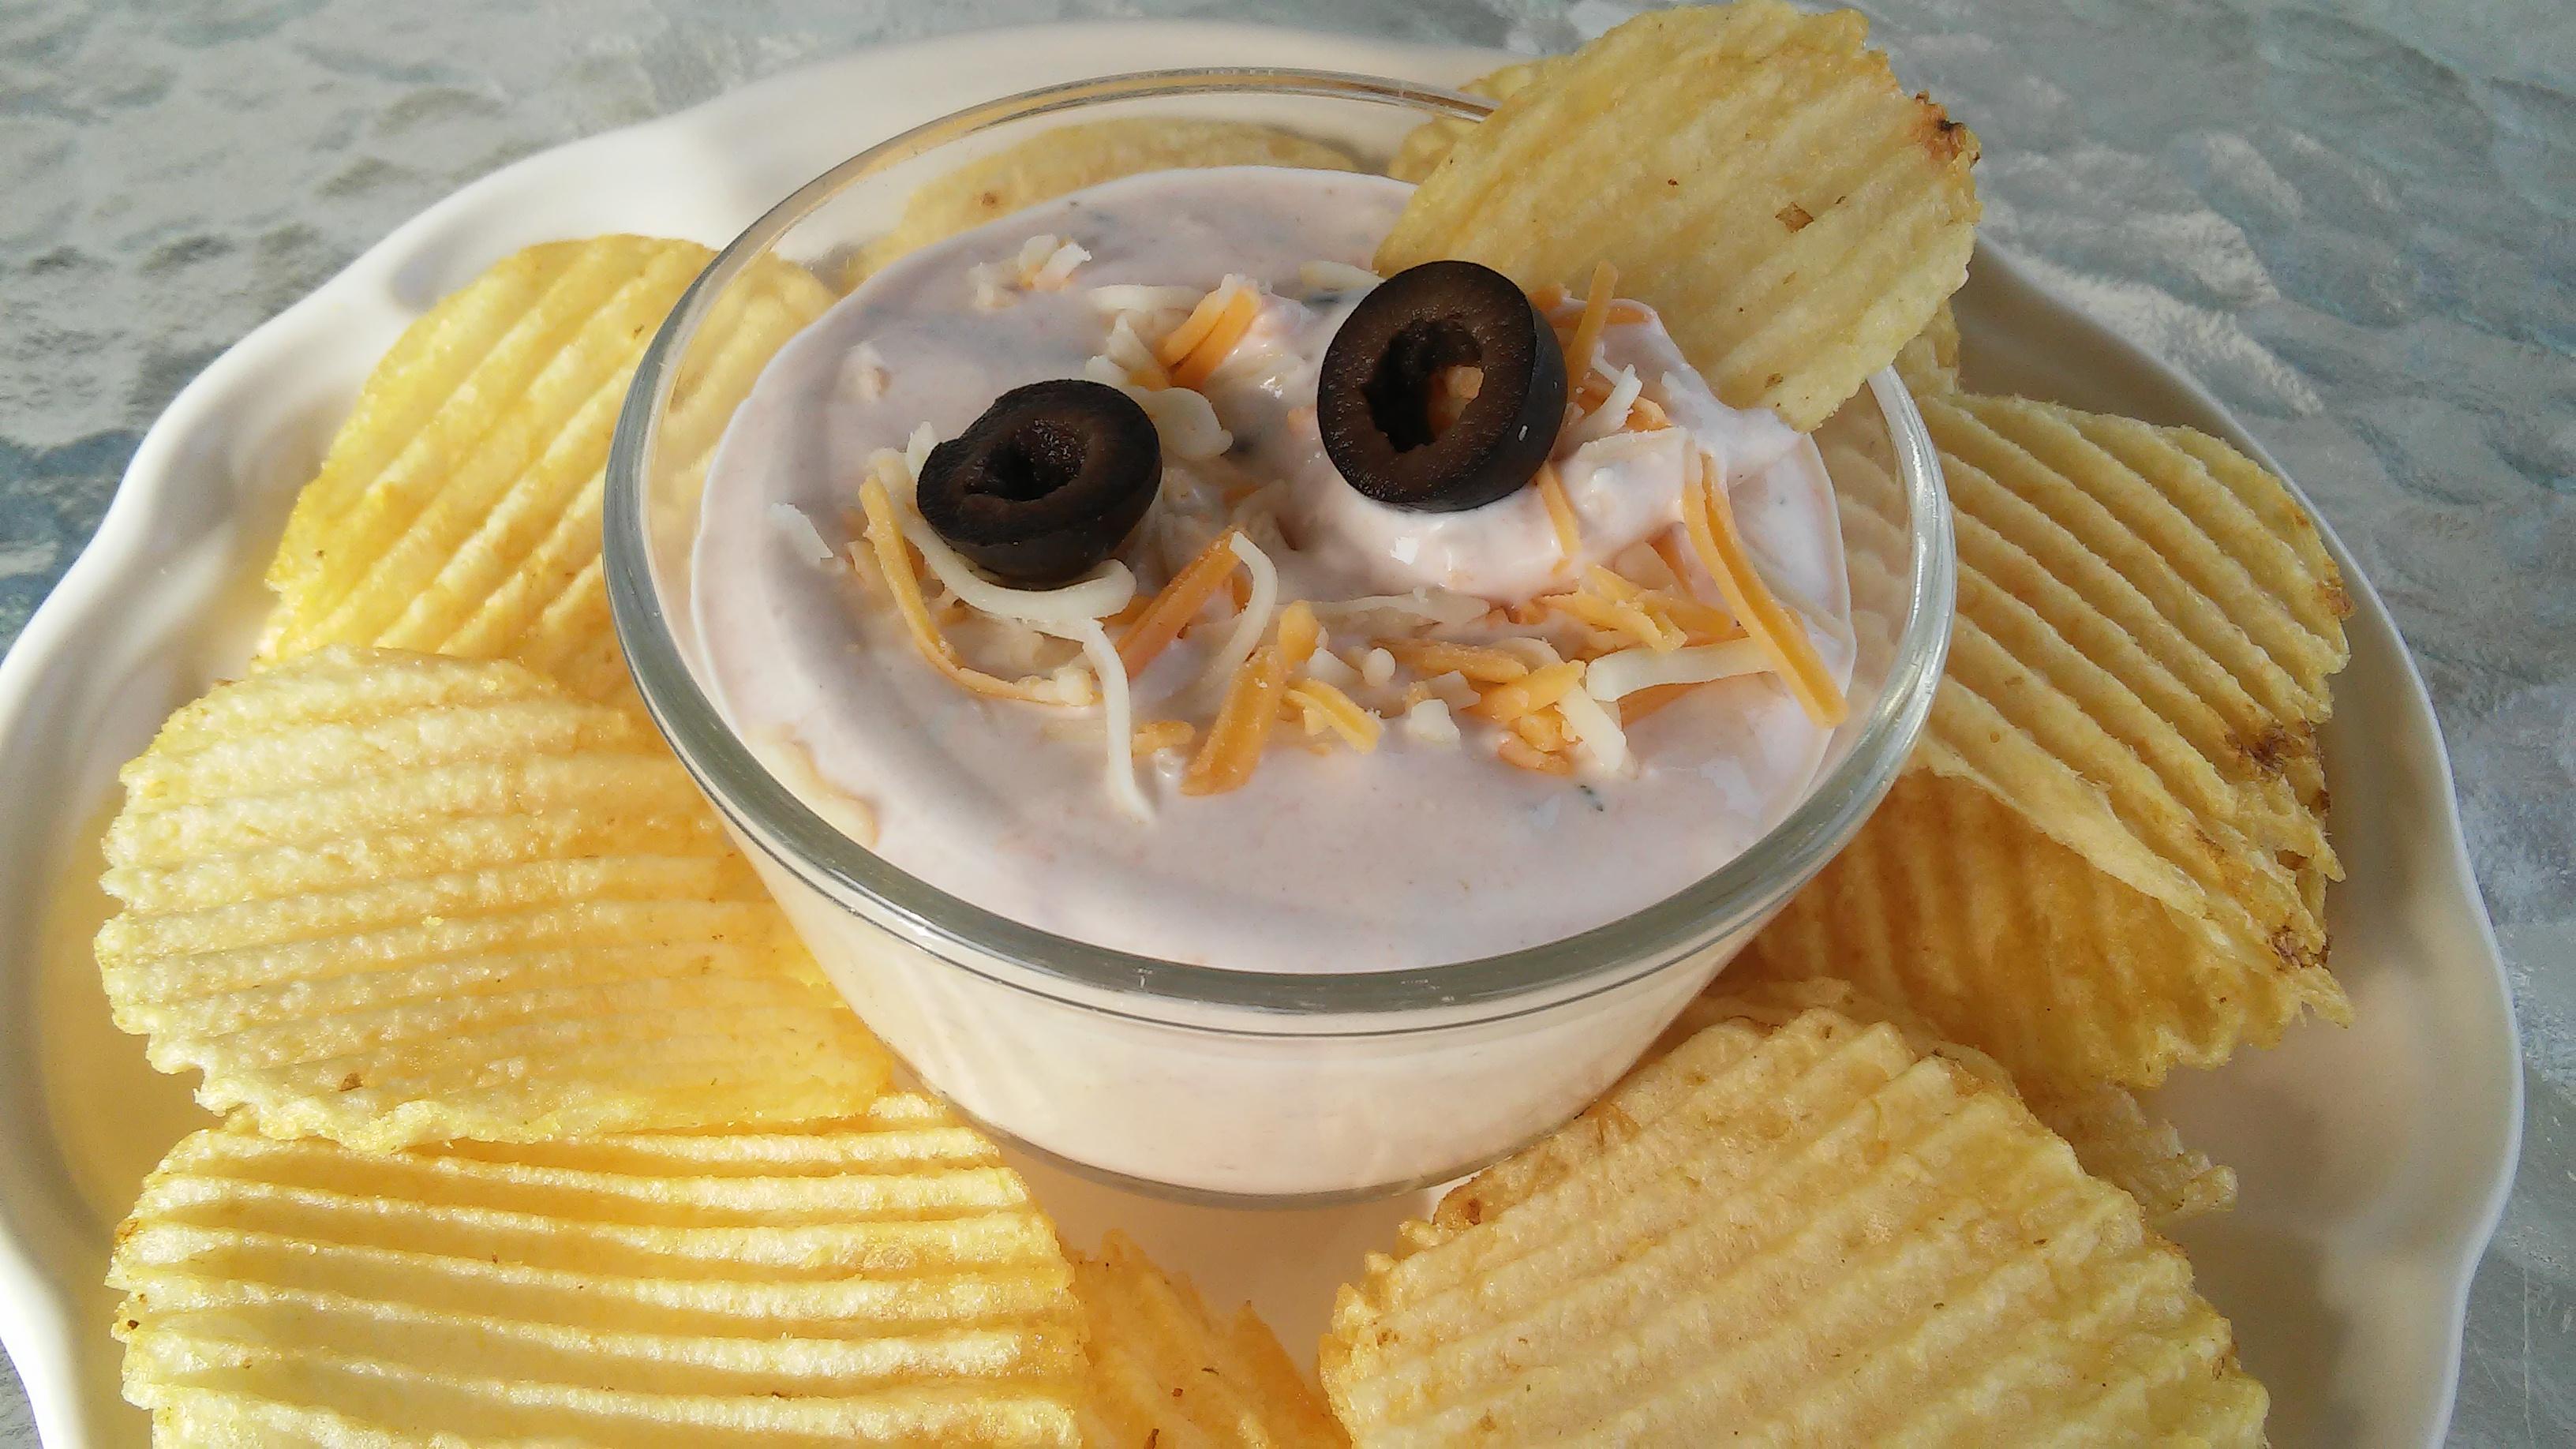 Cheesy Sour Cream and Salsa Dip Tammy Lynn